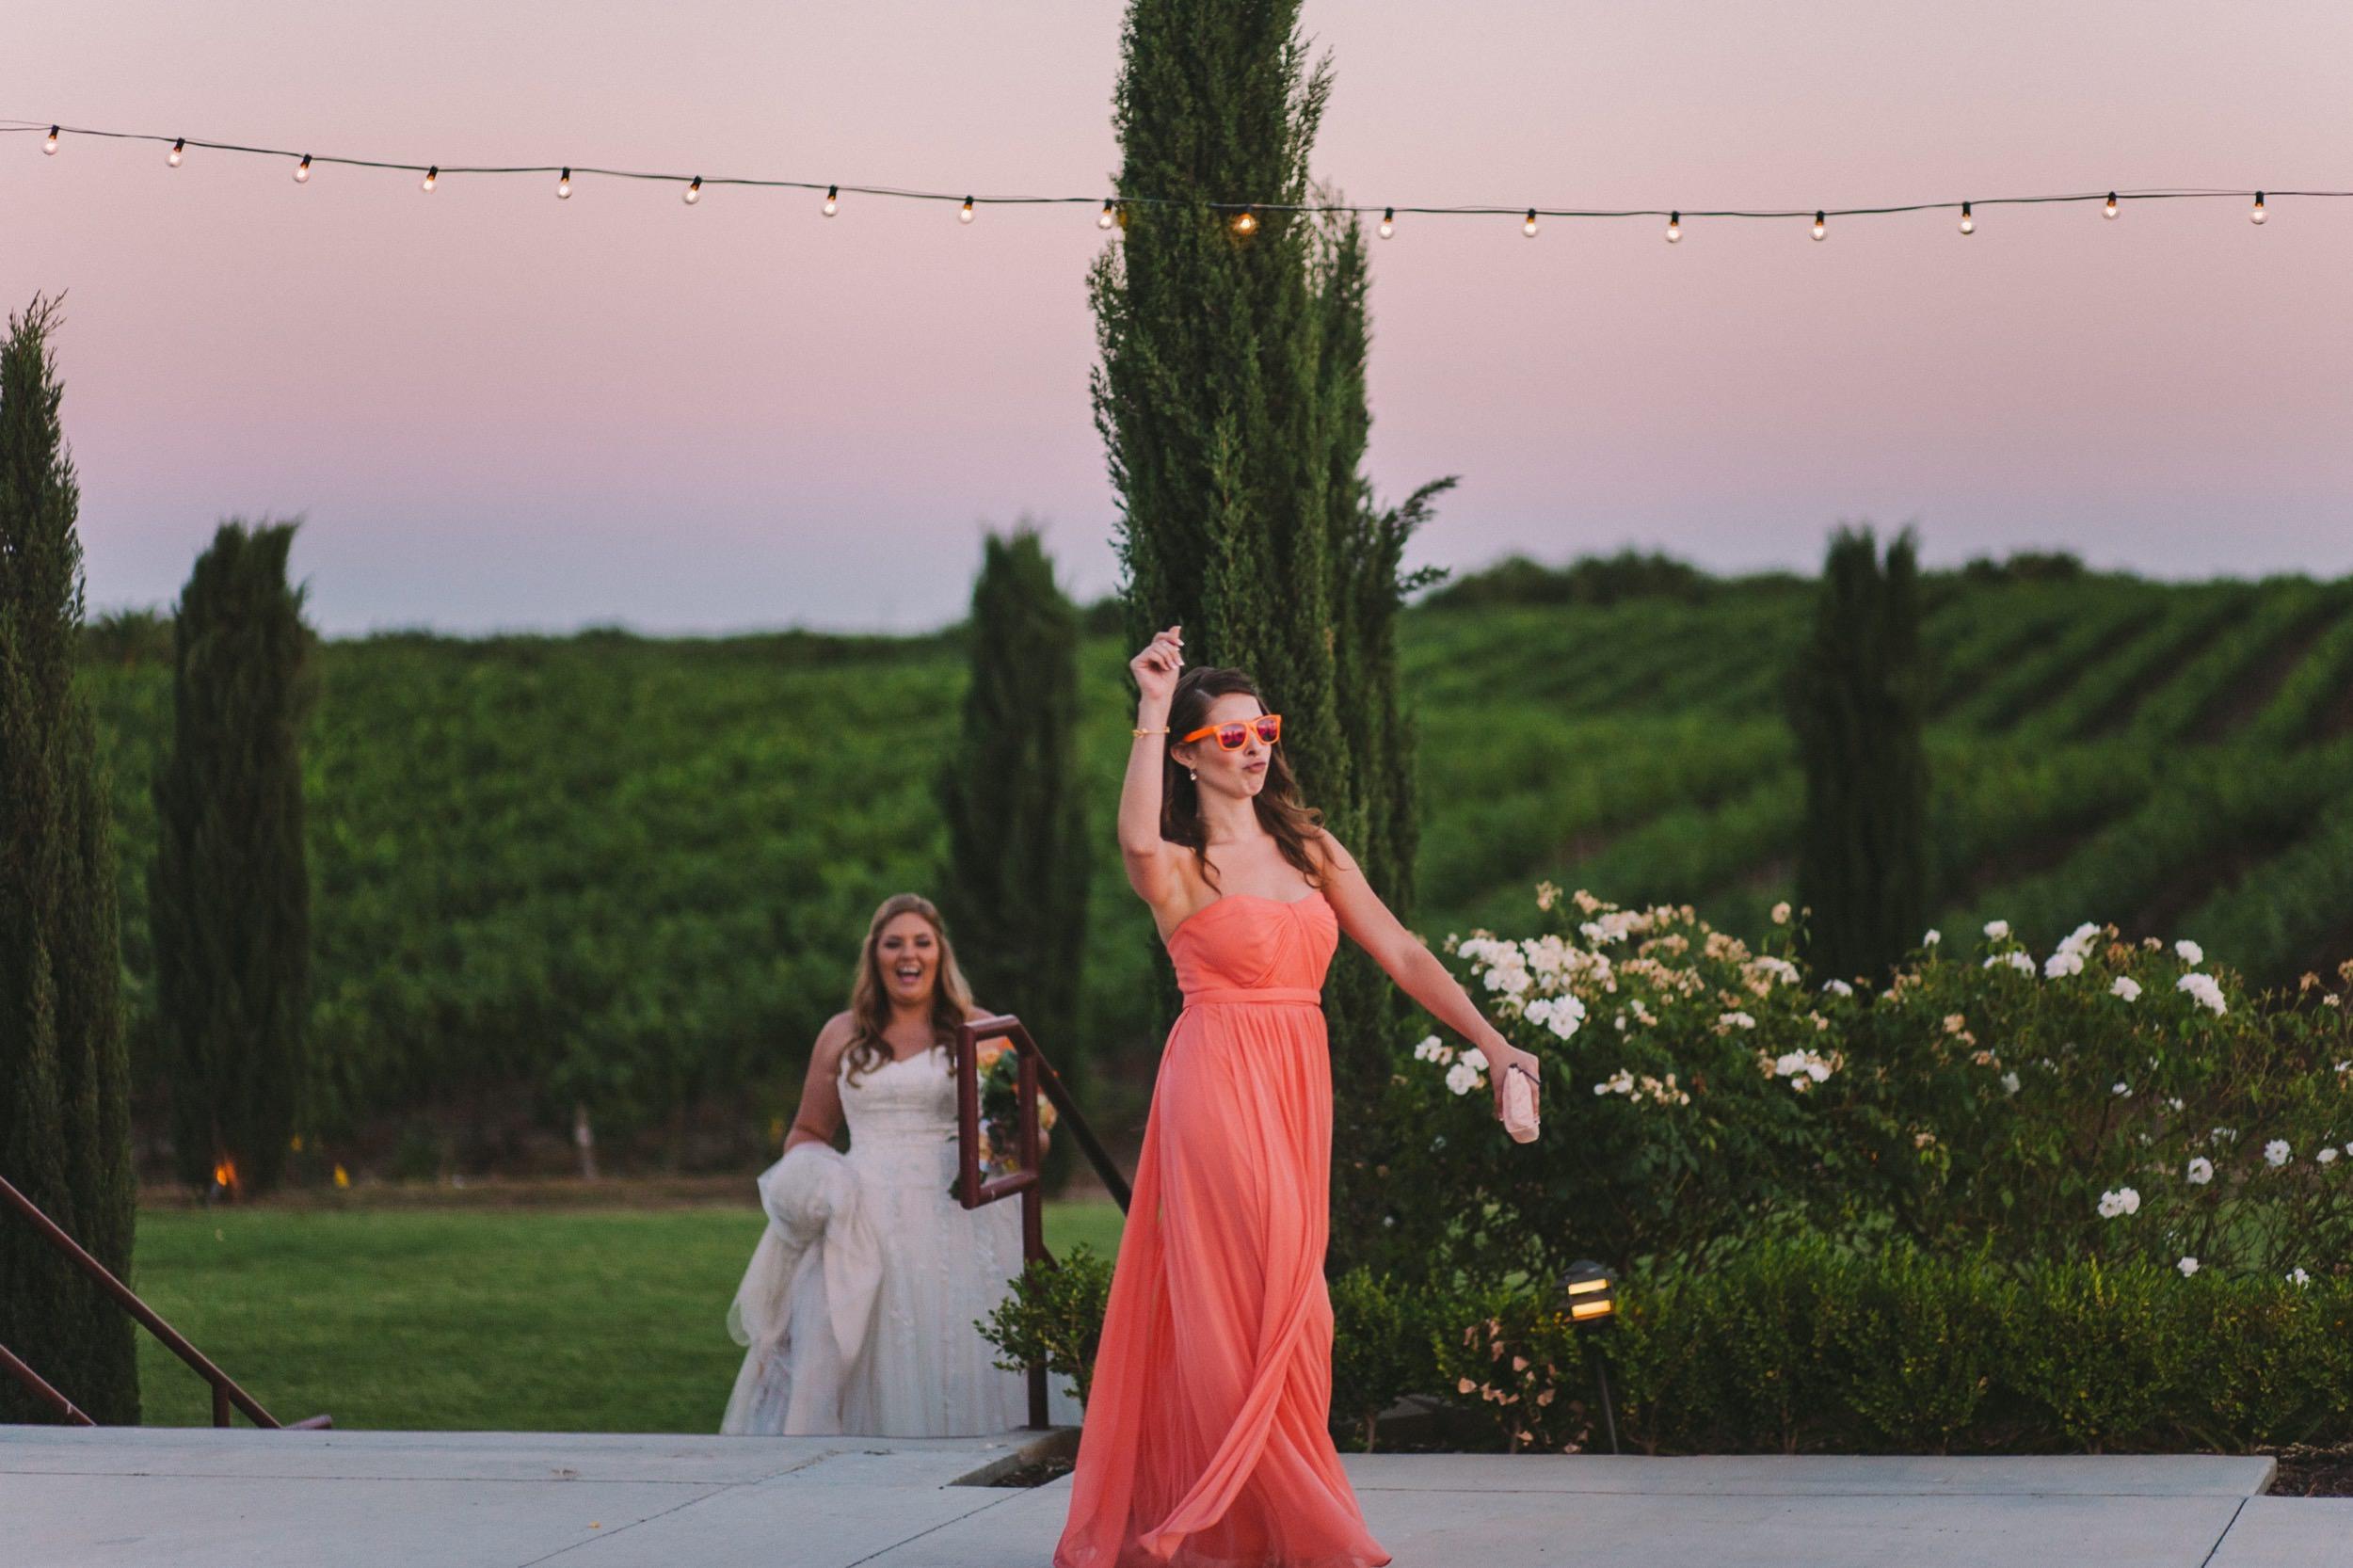 Bridal Party Dancing Entrance at Wedding Reception - Toca Madera Winery Wedding